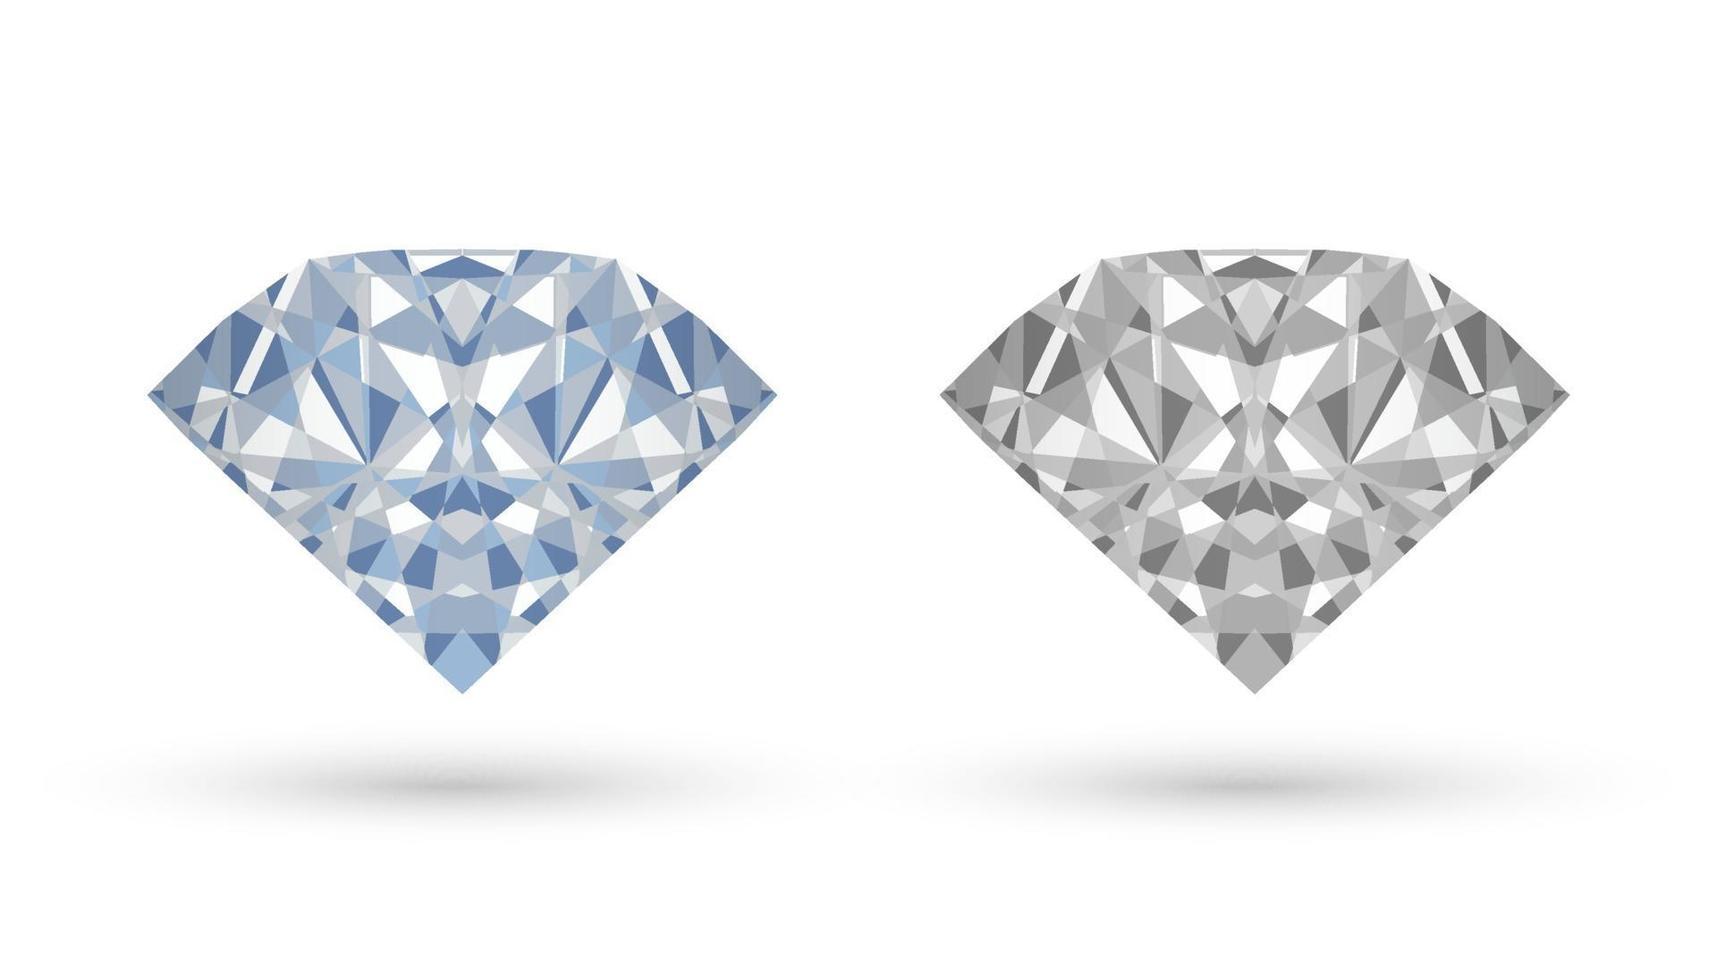 echte diamantvector op een witte achtergrond vector